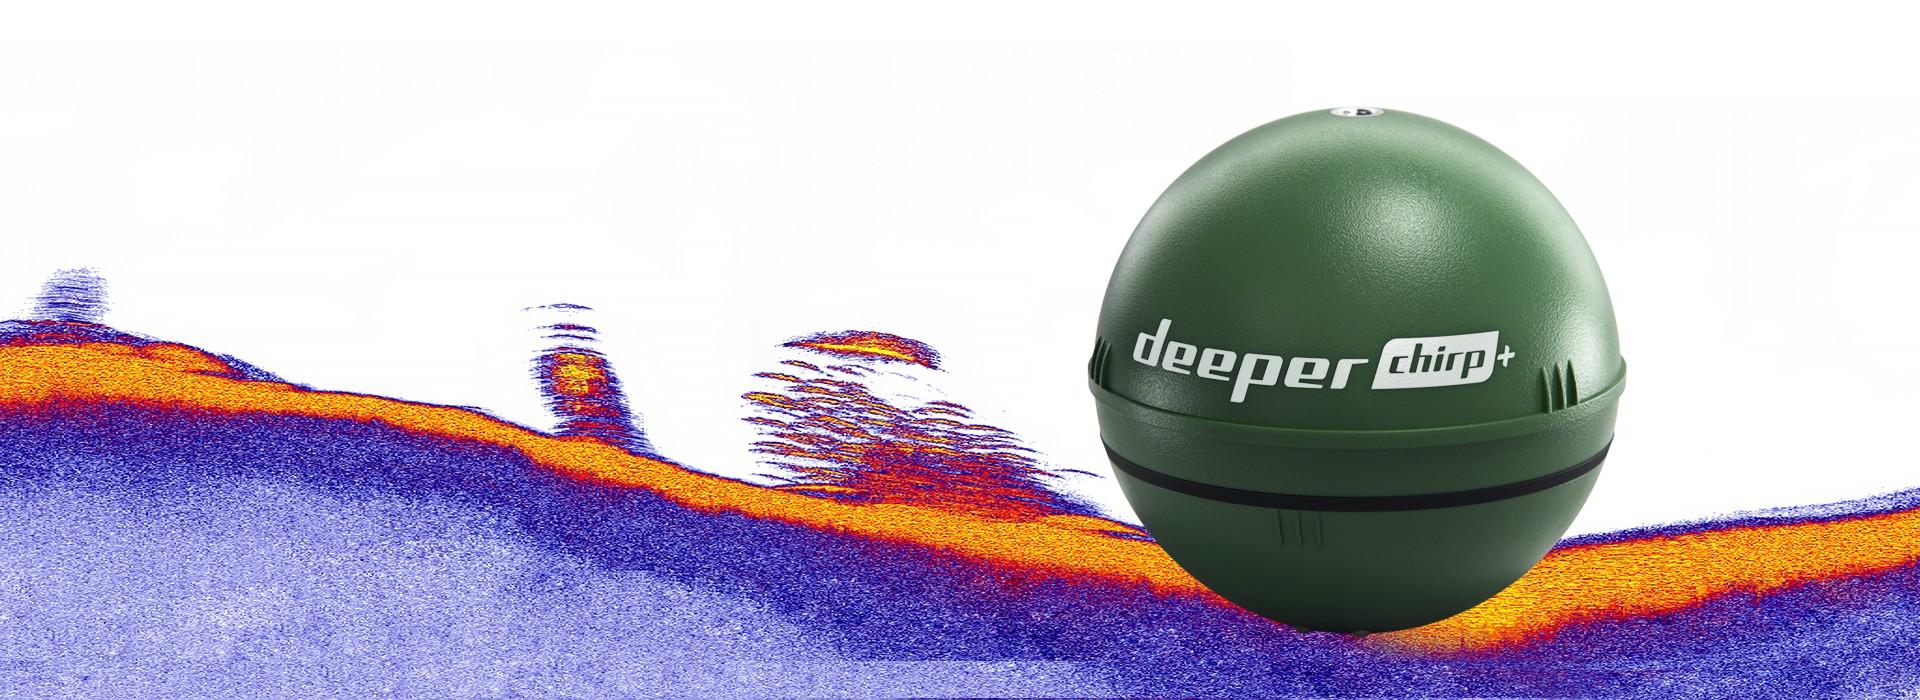 Žvejybos ateitis dabar!Vienintelis pasaulyje užmetamas CHIRP sonaras su integruotu GPS